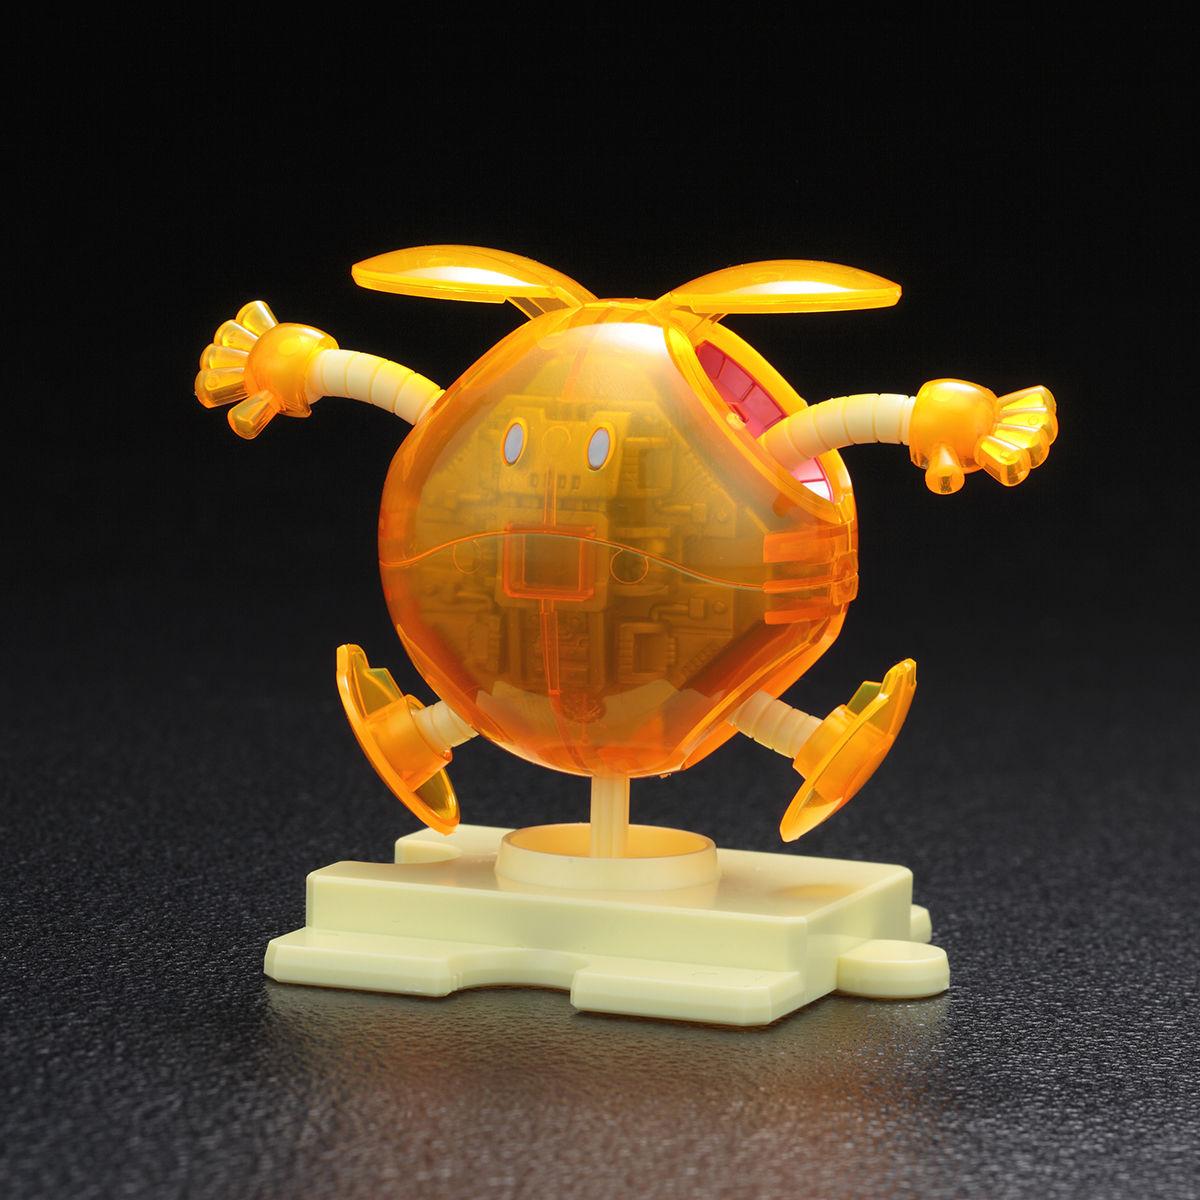 ハロプラ ハロ シューティングオレンジ[クリアカラー] 商品画像